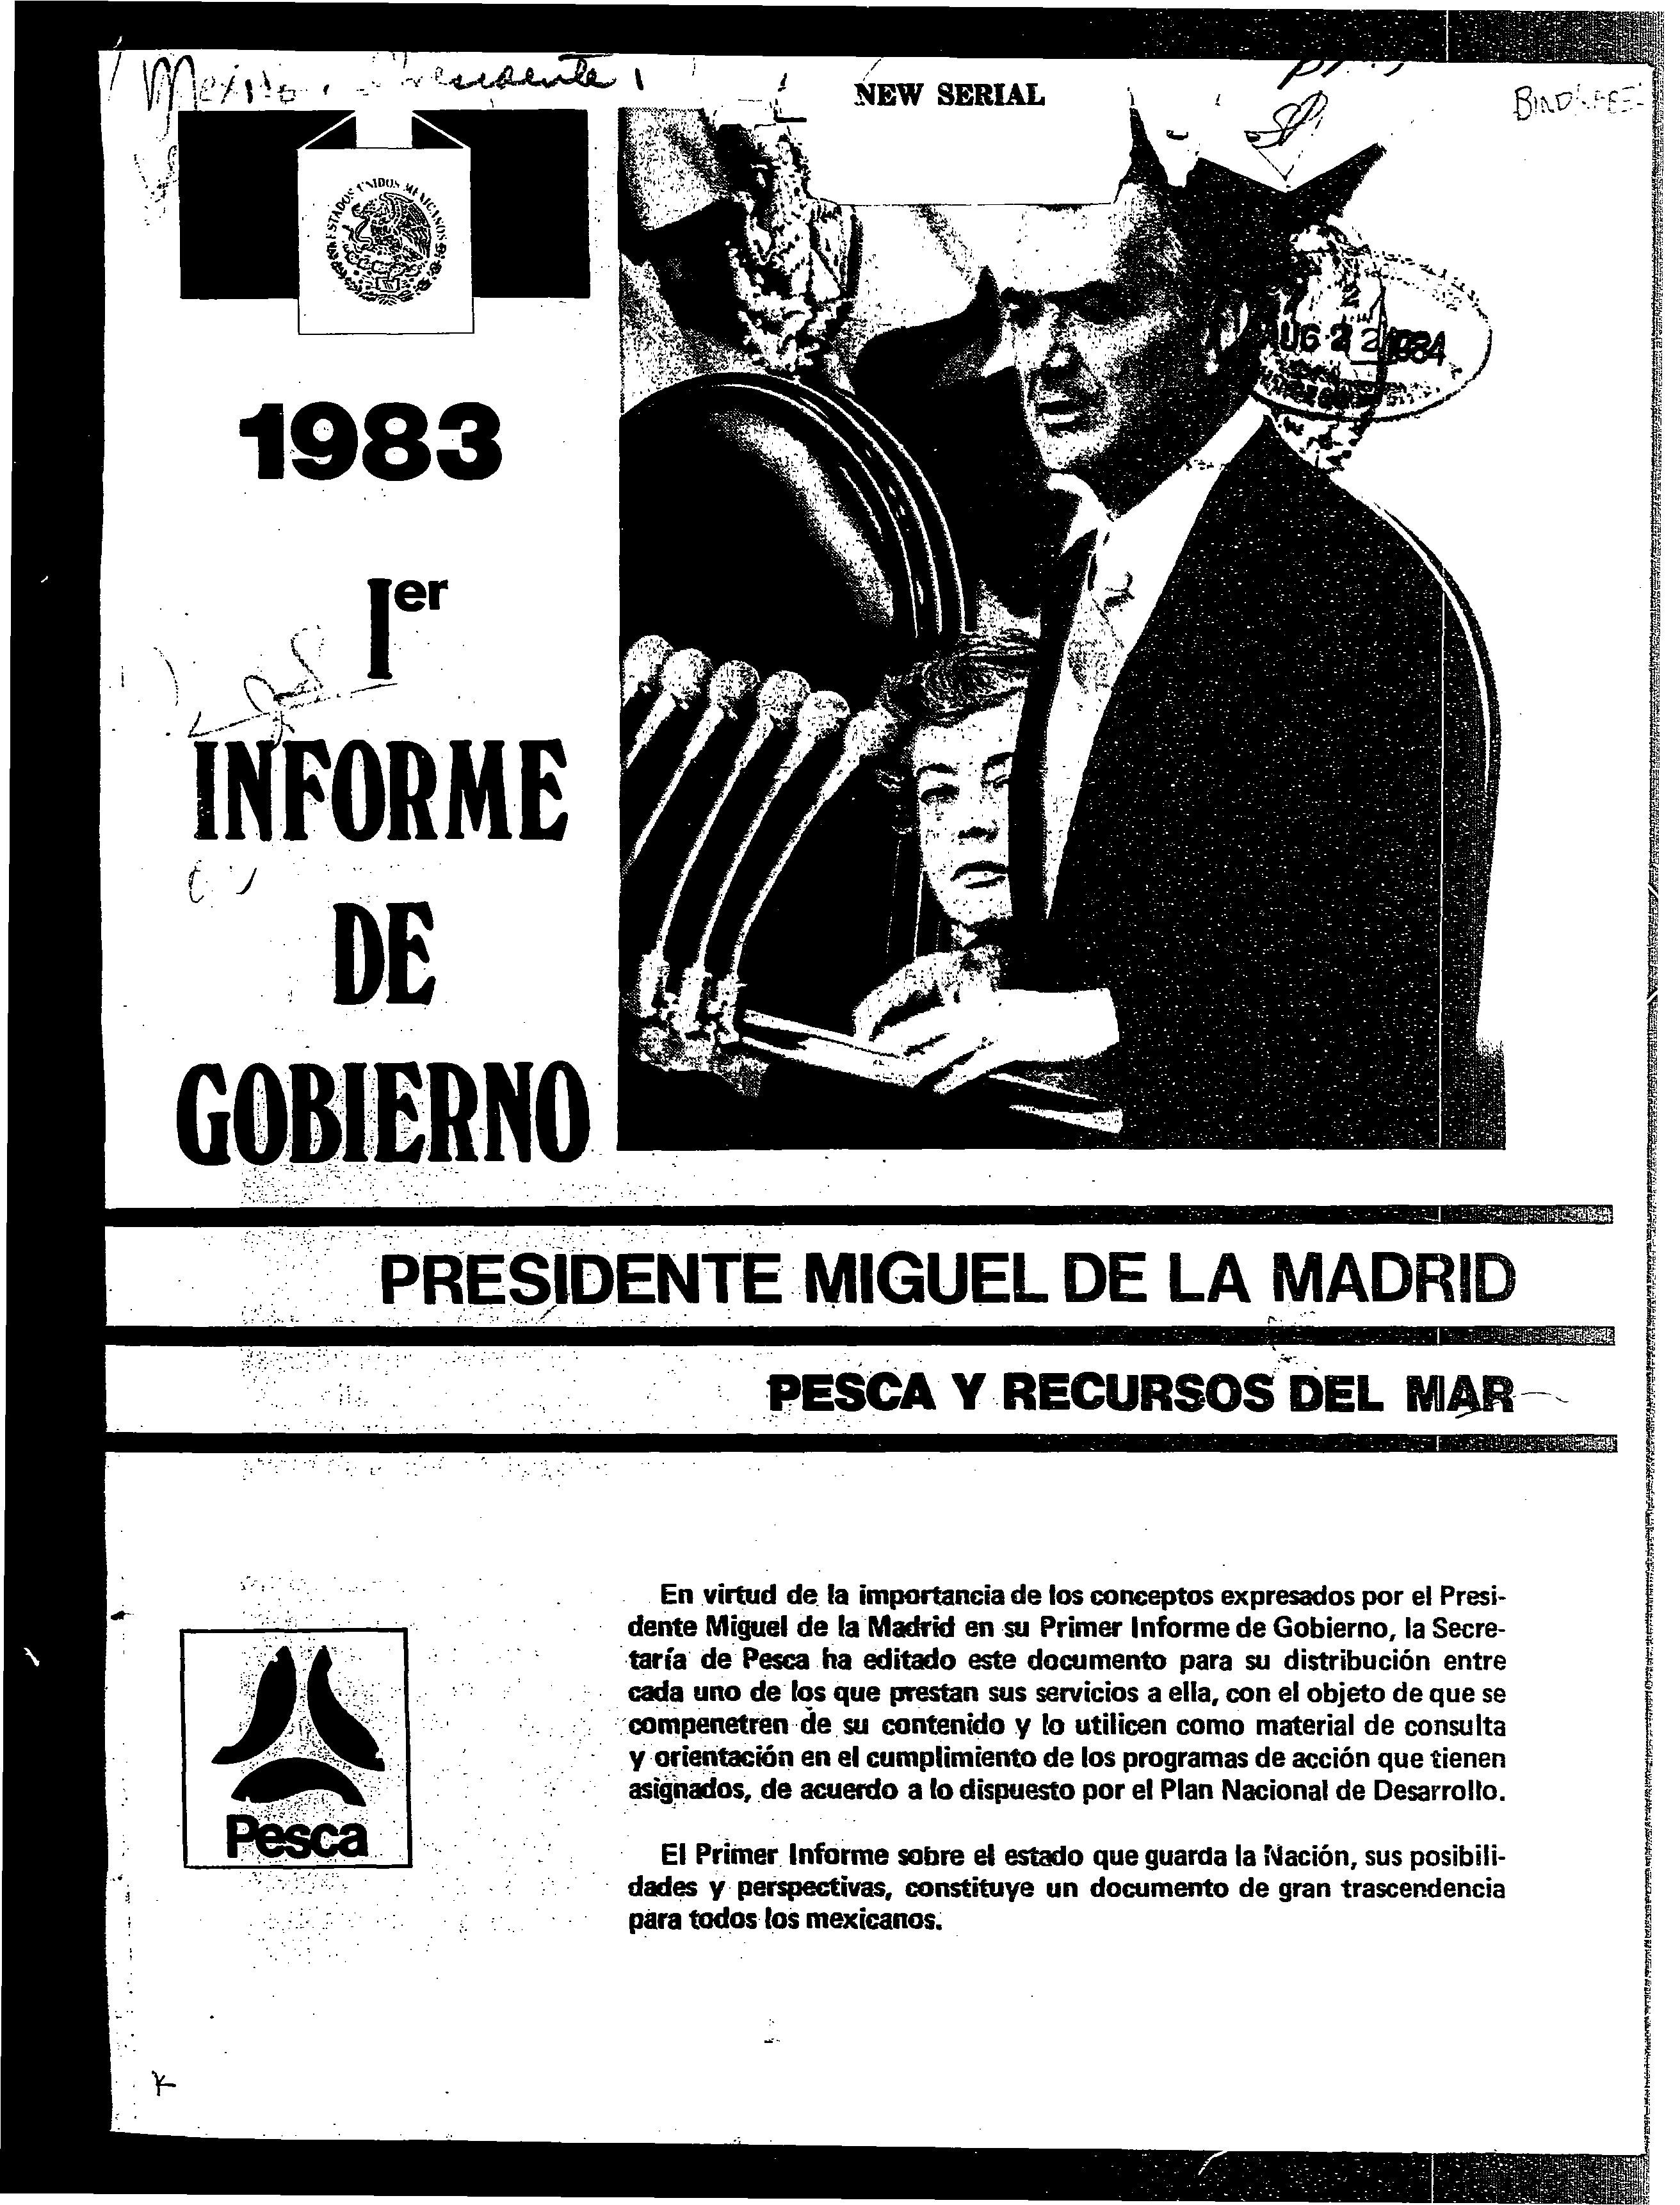 Miguel De La Madrid Hurtado Title